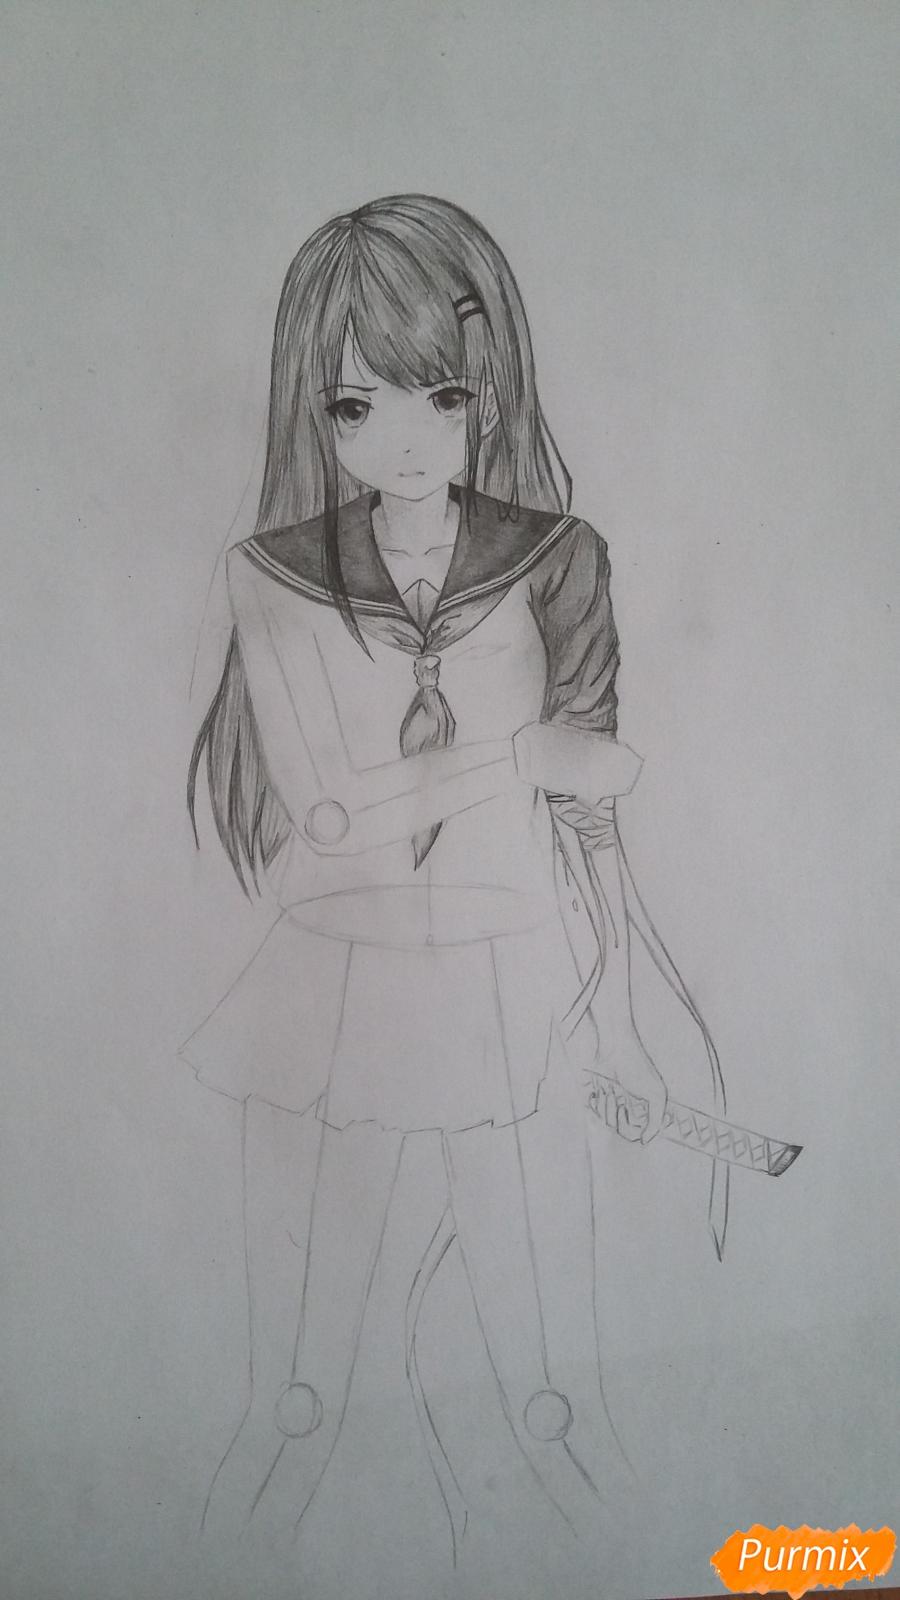 Рисуем девушку с катаной в аниме стиле - шаг 9